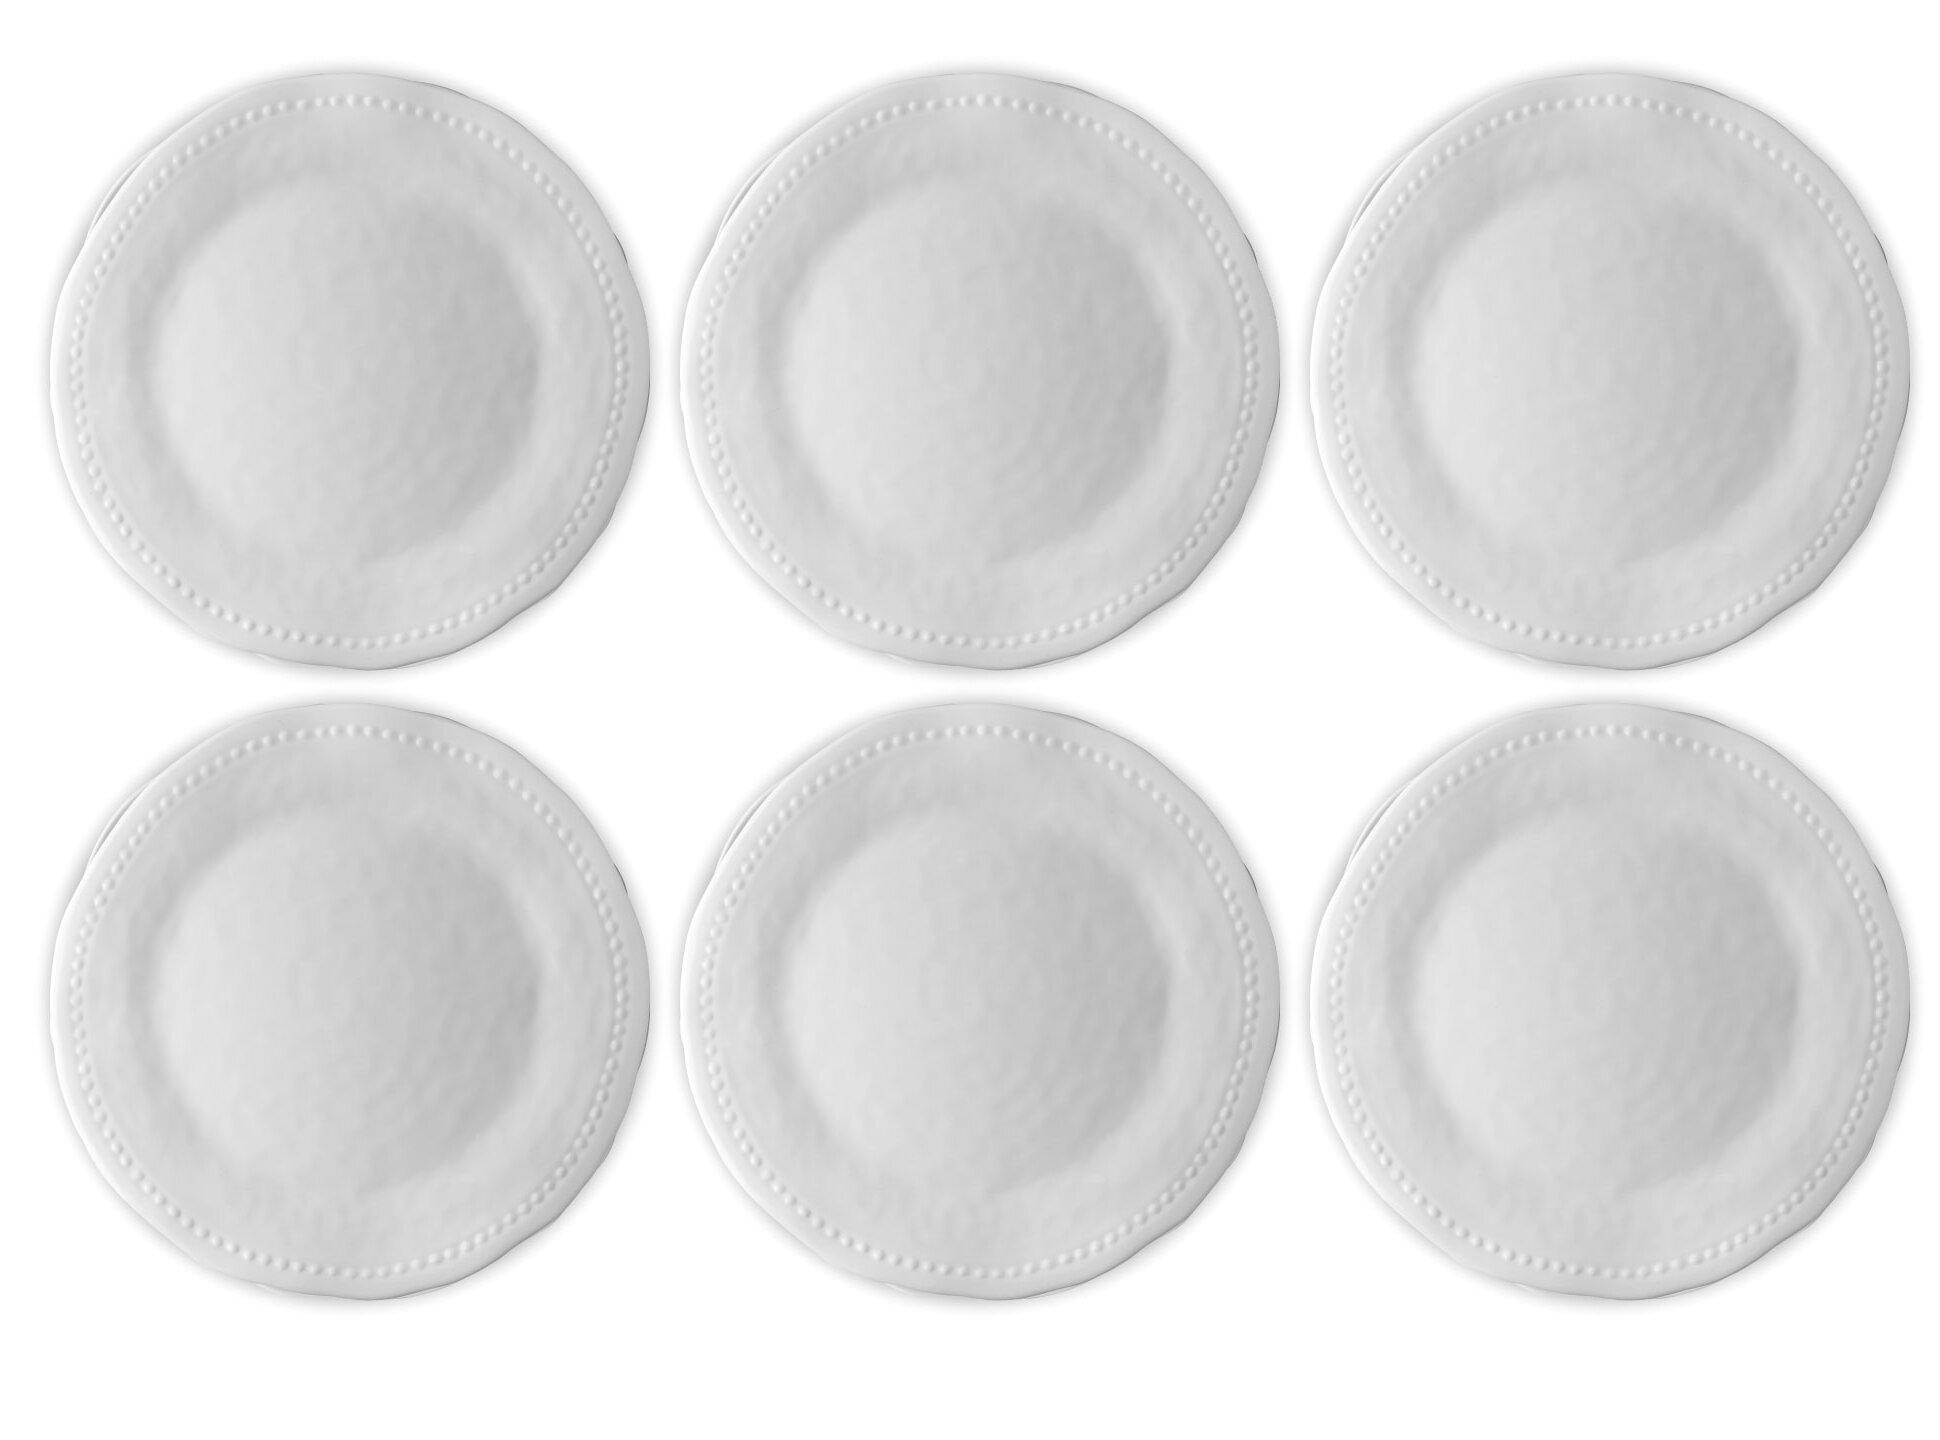 Acrylic Melamine August Grove Plates Saucers You Ll Love In 2021 Wayfair